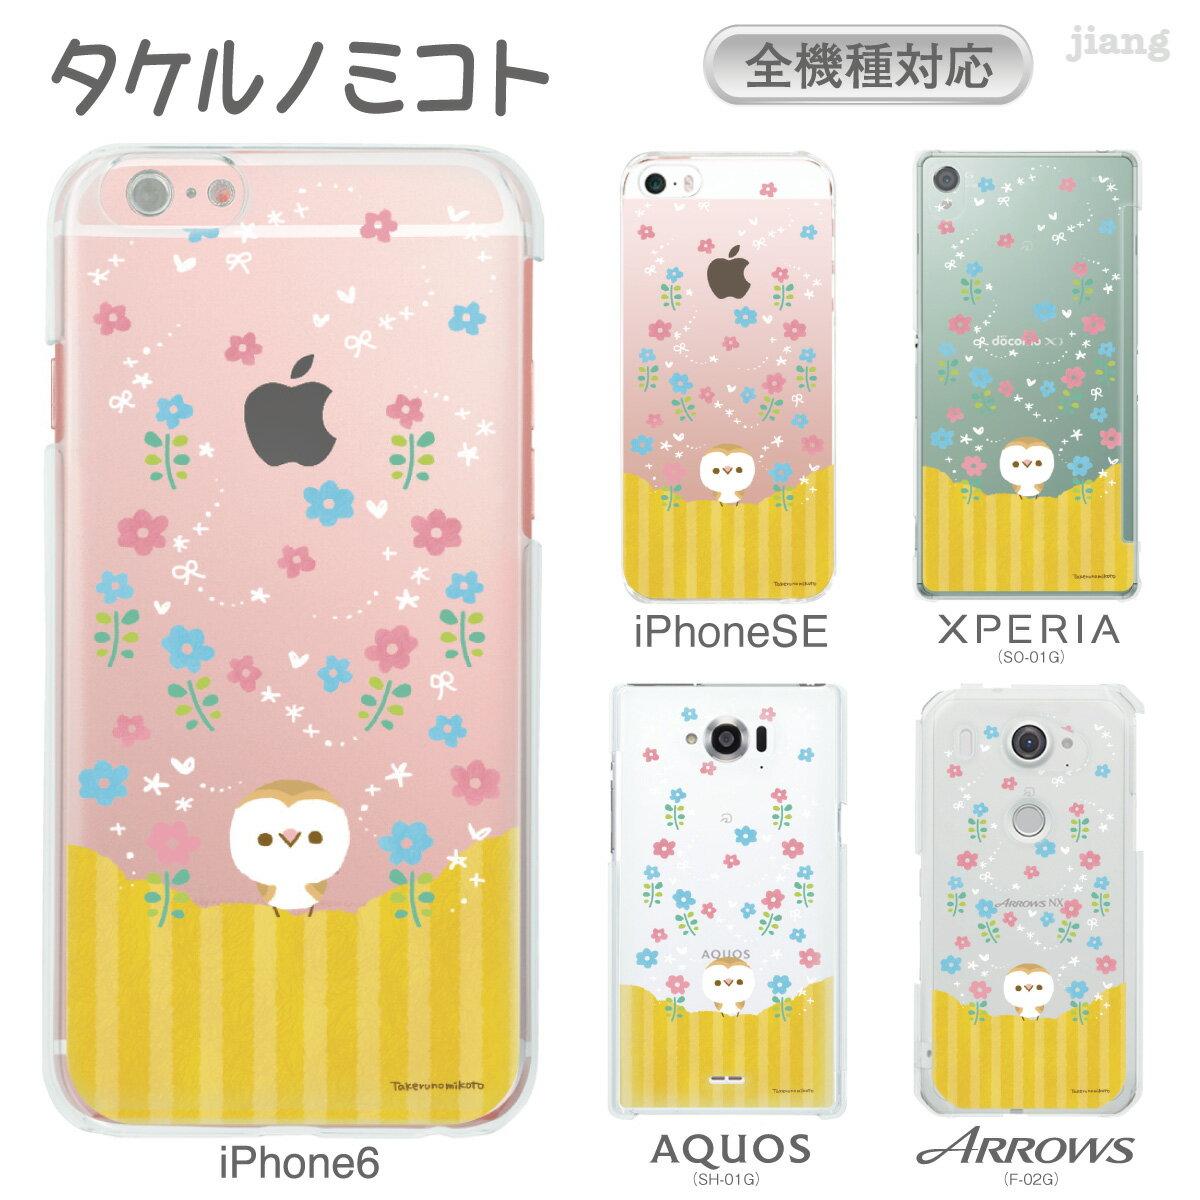 スマホケース 全機種対応 ケース カバー ハードケース クリアケースiPhoneX iPhone8 iPhone7s Plus iPhone7 iPhone6s iPhone6 Plus iPhone SE 5s Xperia XZ1 SO-01K SO-02K XZ so-04j XZs so-03j aquos R SH-01K SHV41 タケルノミコト 45-zen-ca0033